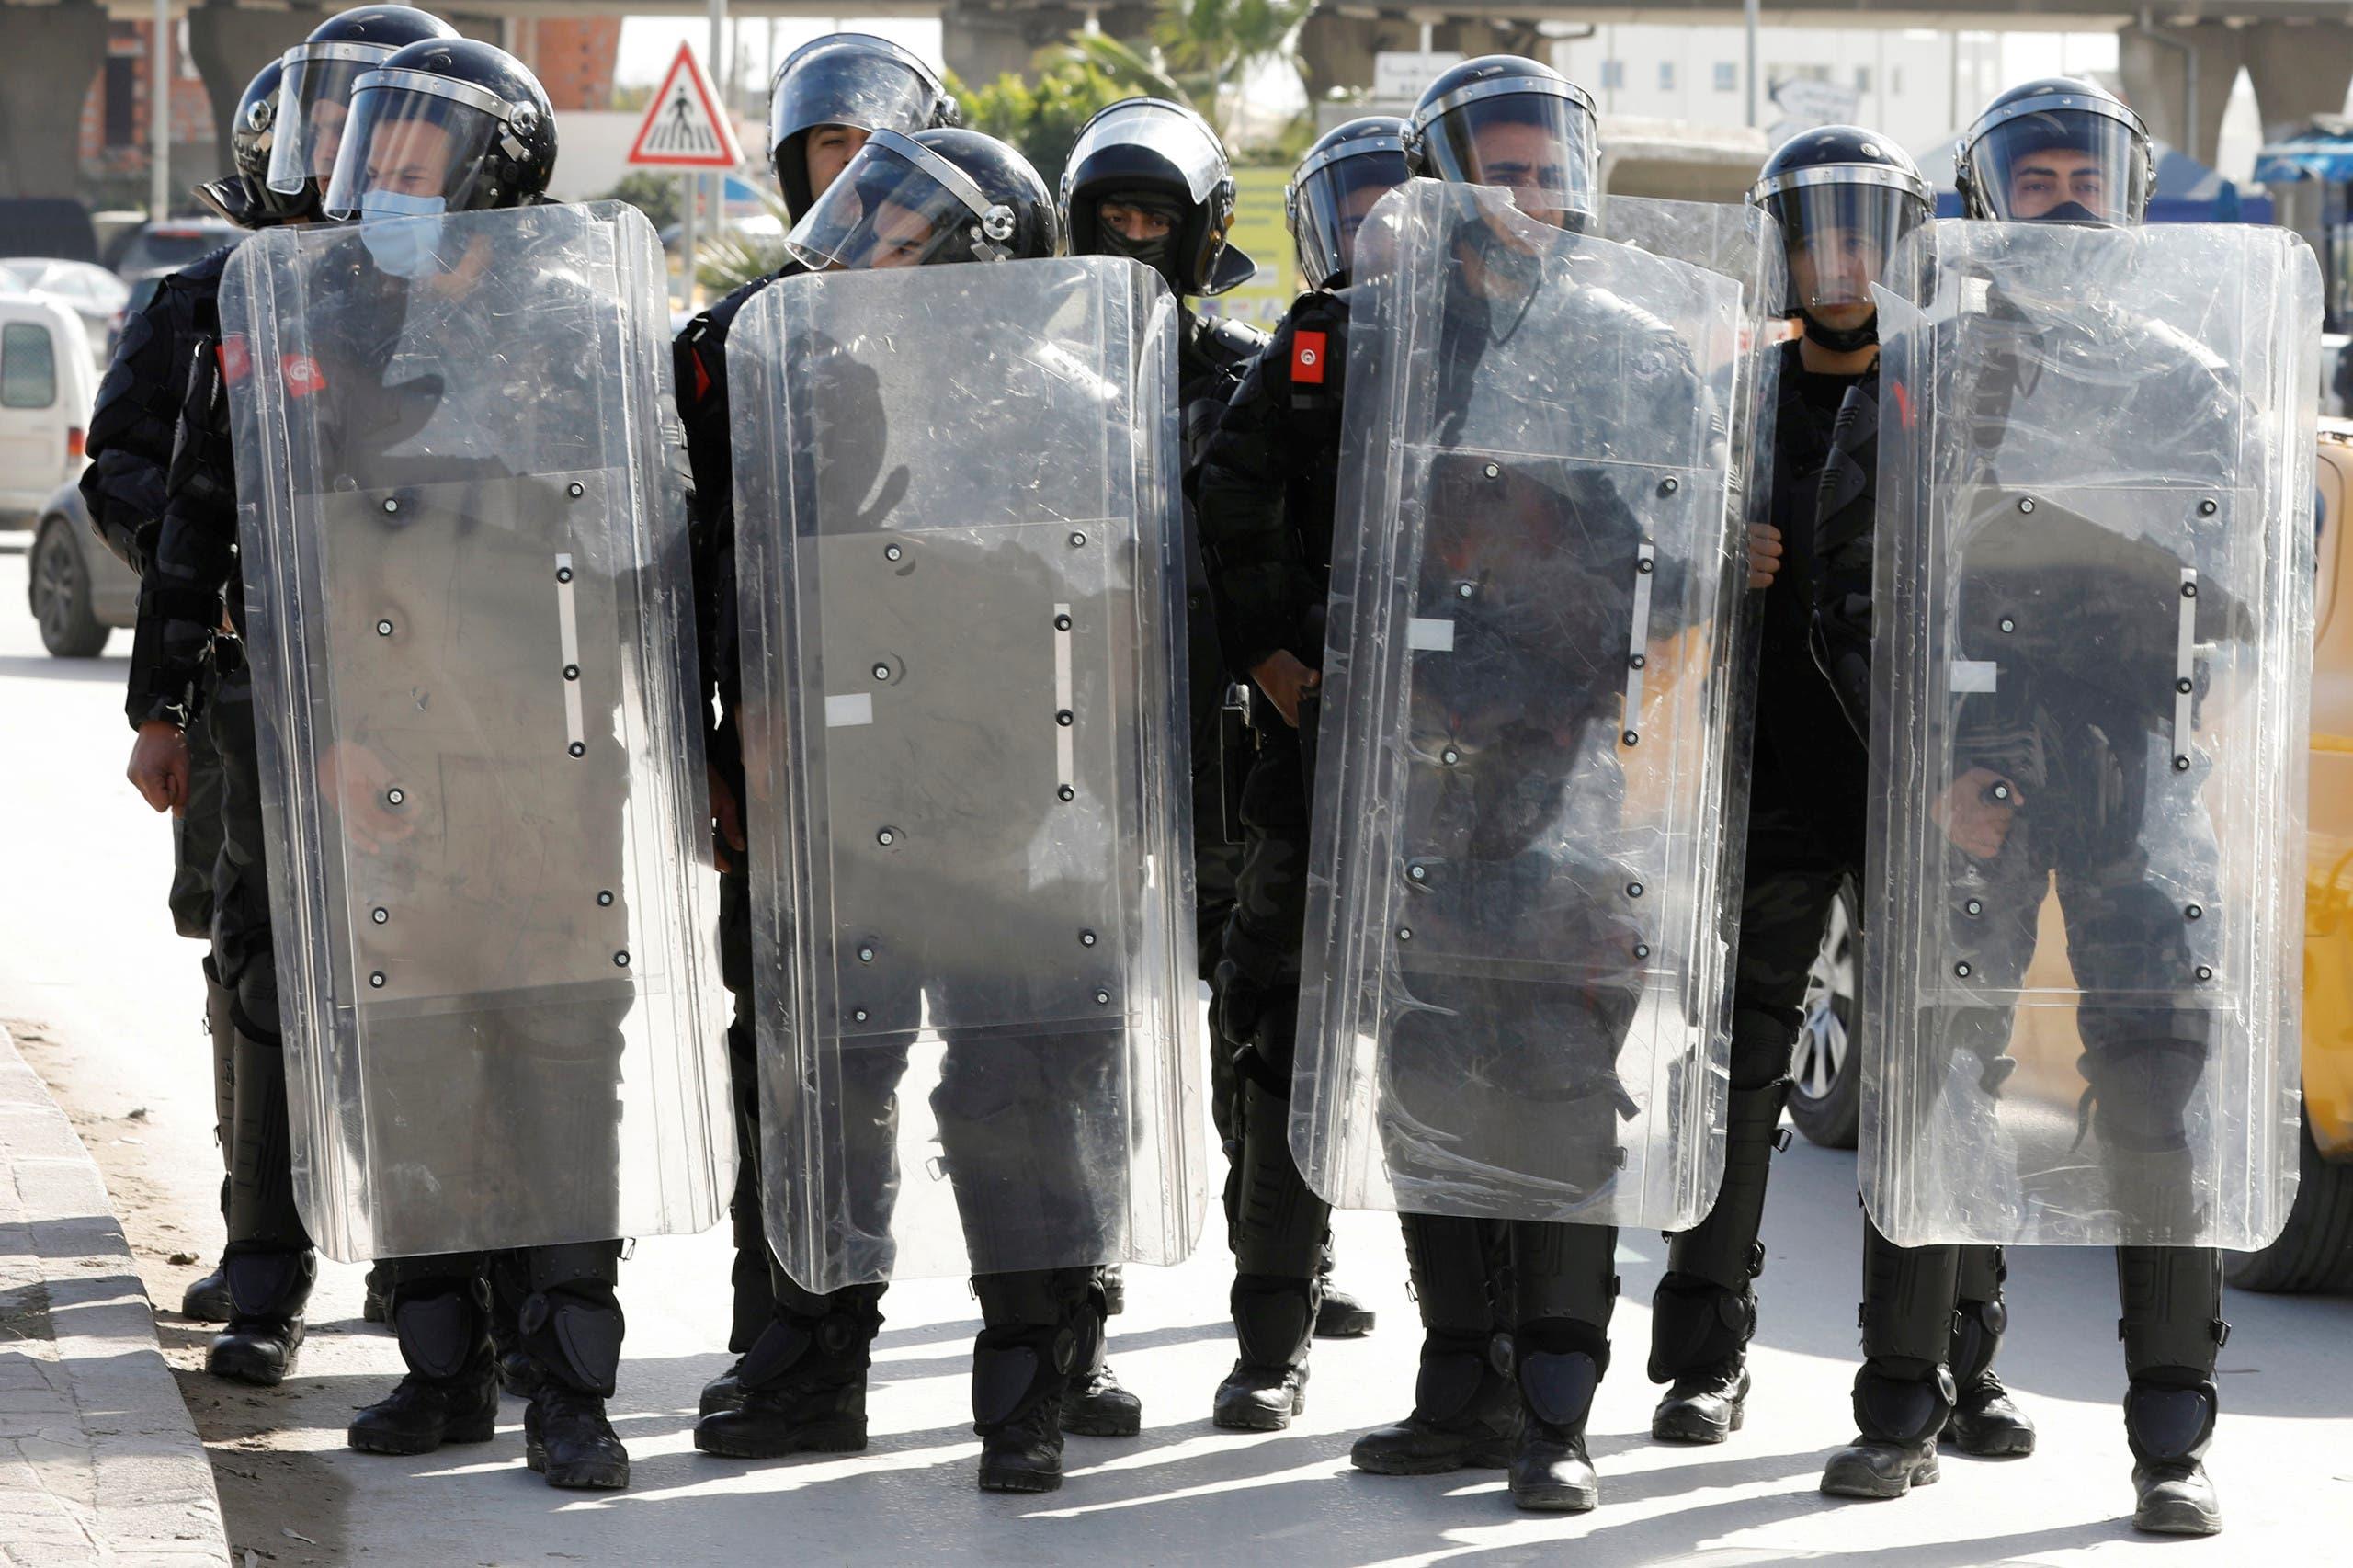 أفراد من الشرطة أثناء مظاهرة مناهضة للحكومة في تونس يوم 26 يناير